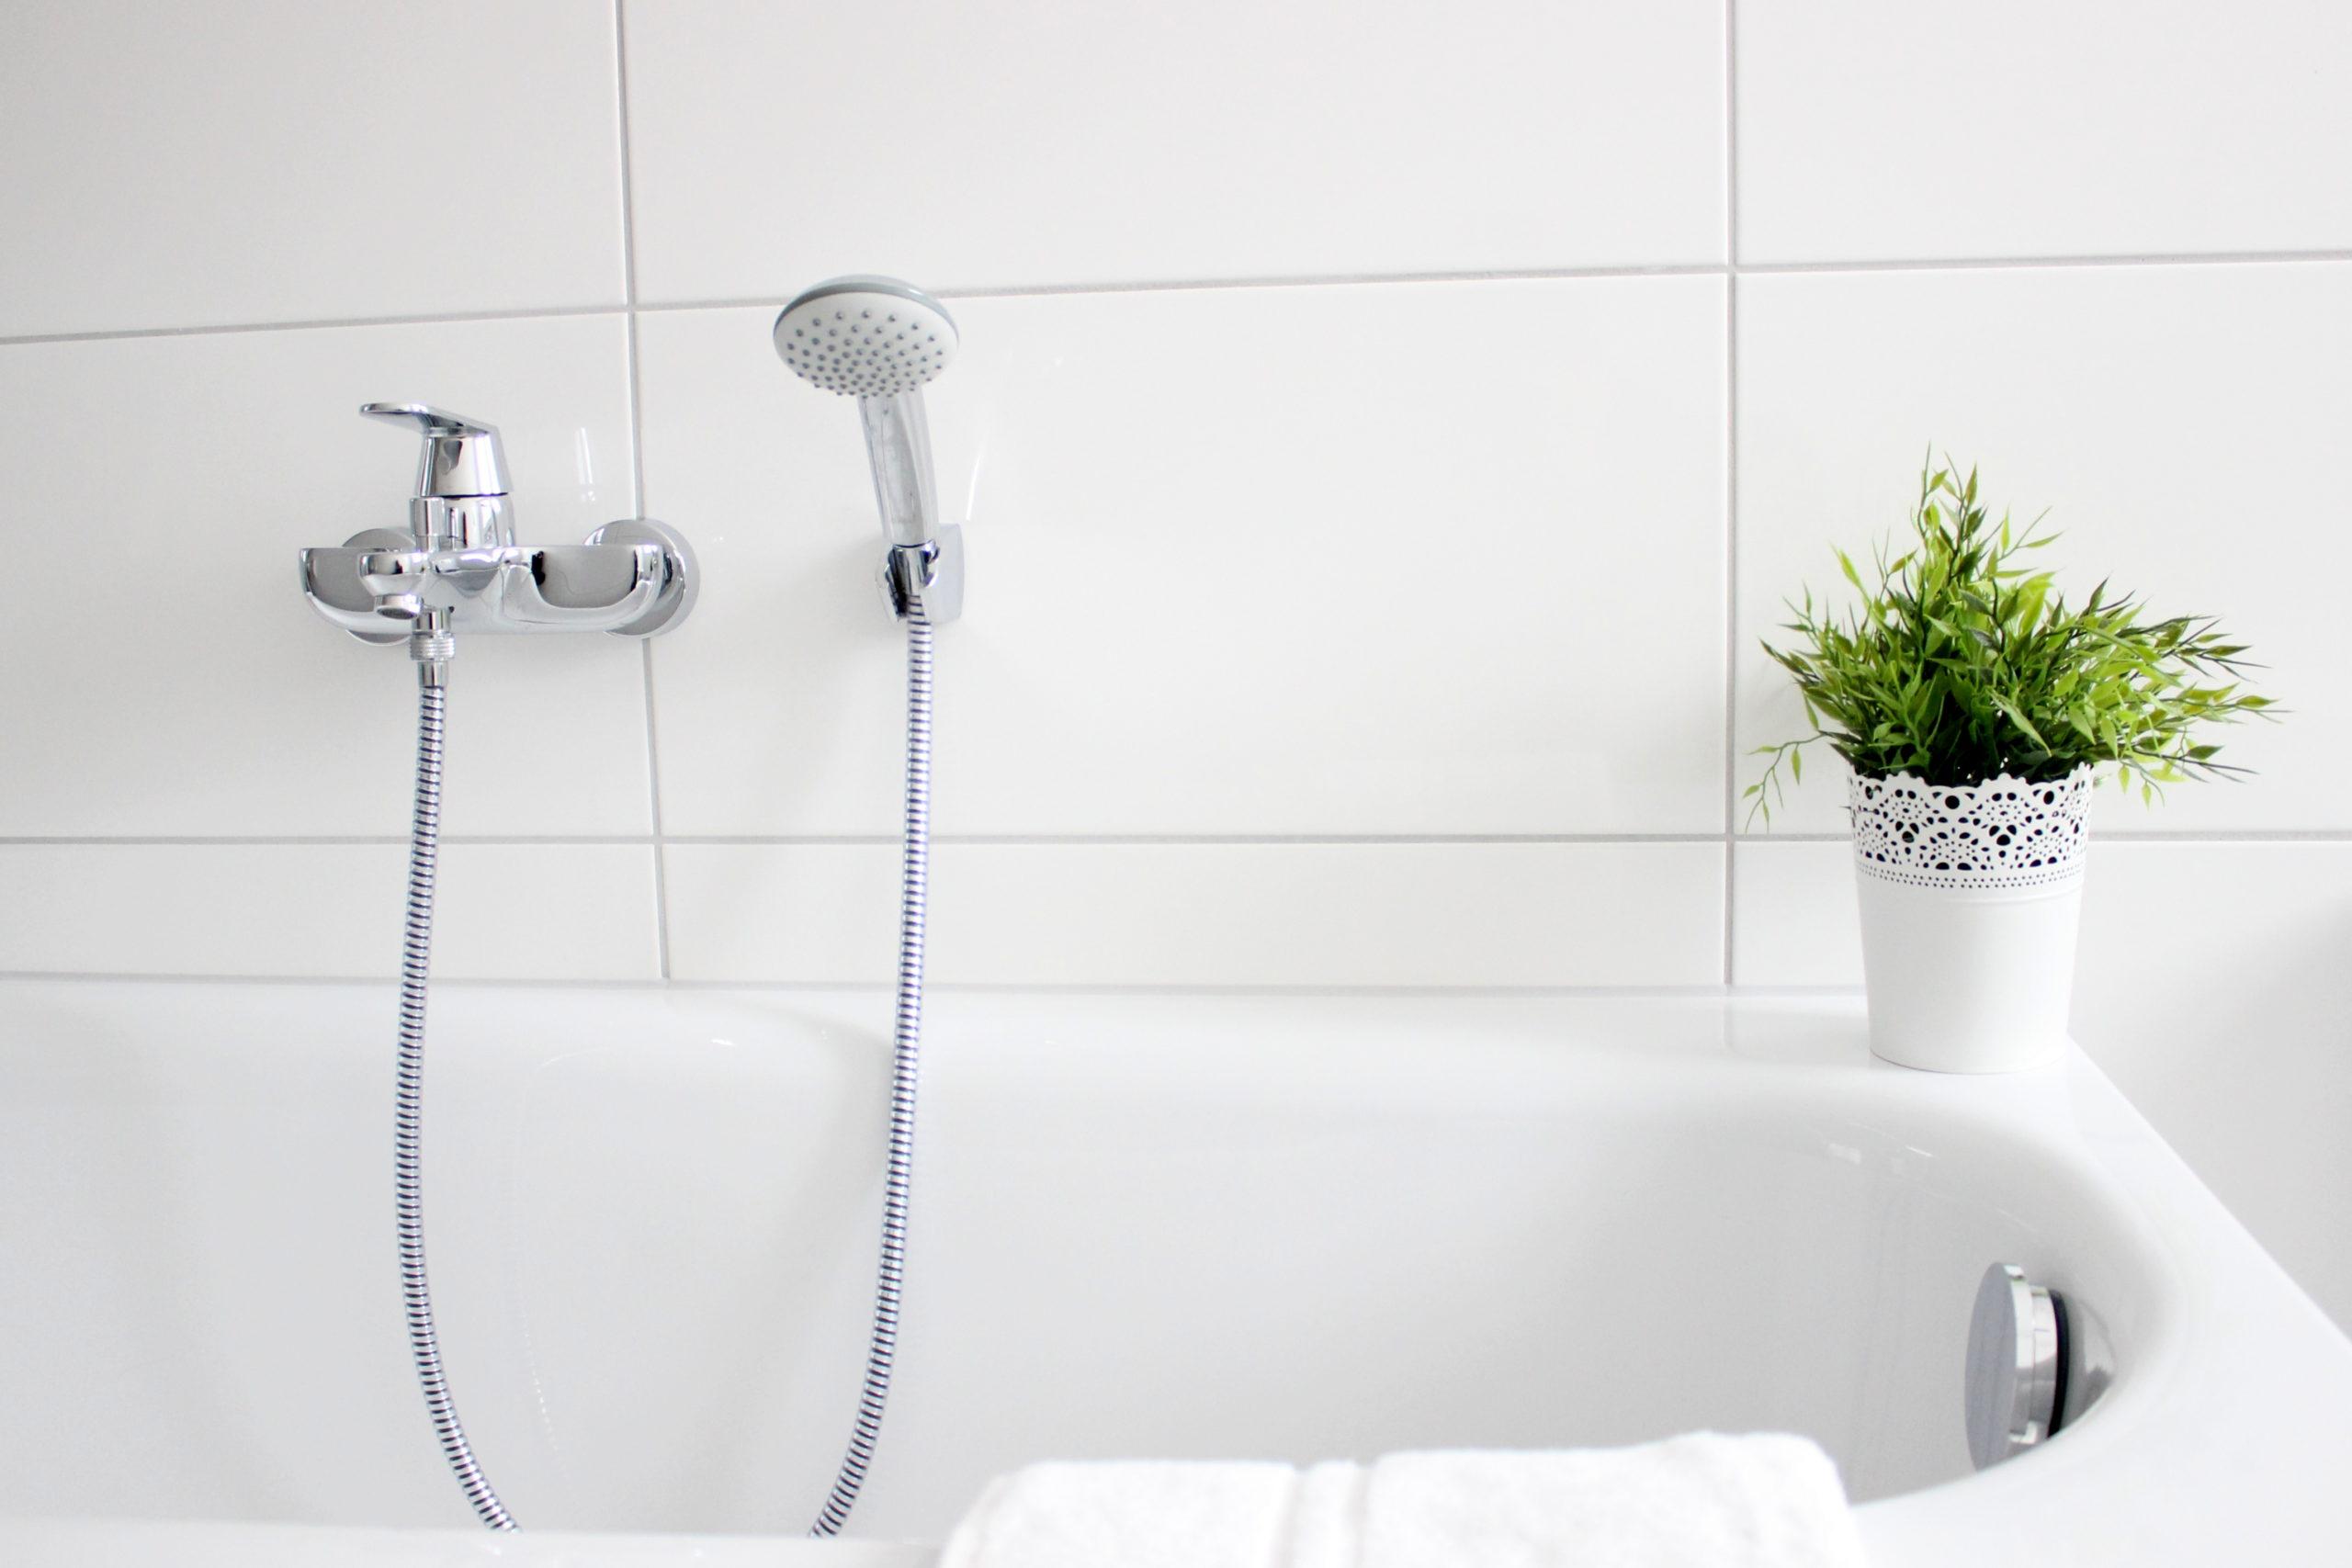 Ferienwohnung mit Badewanne